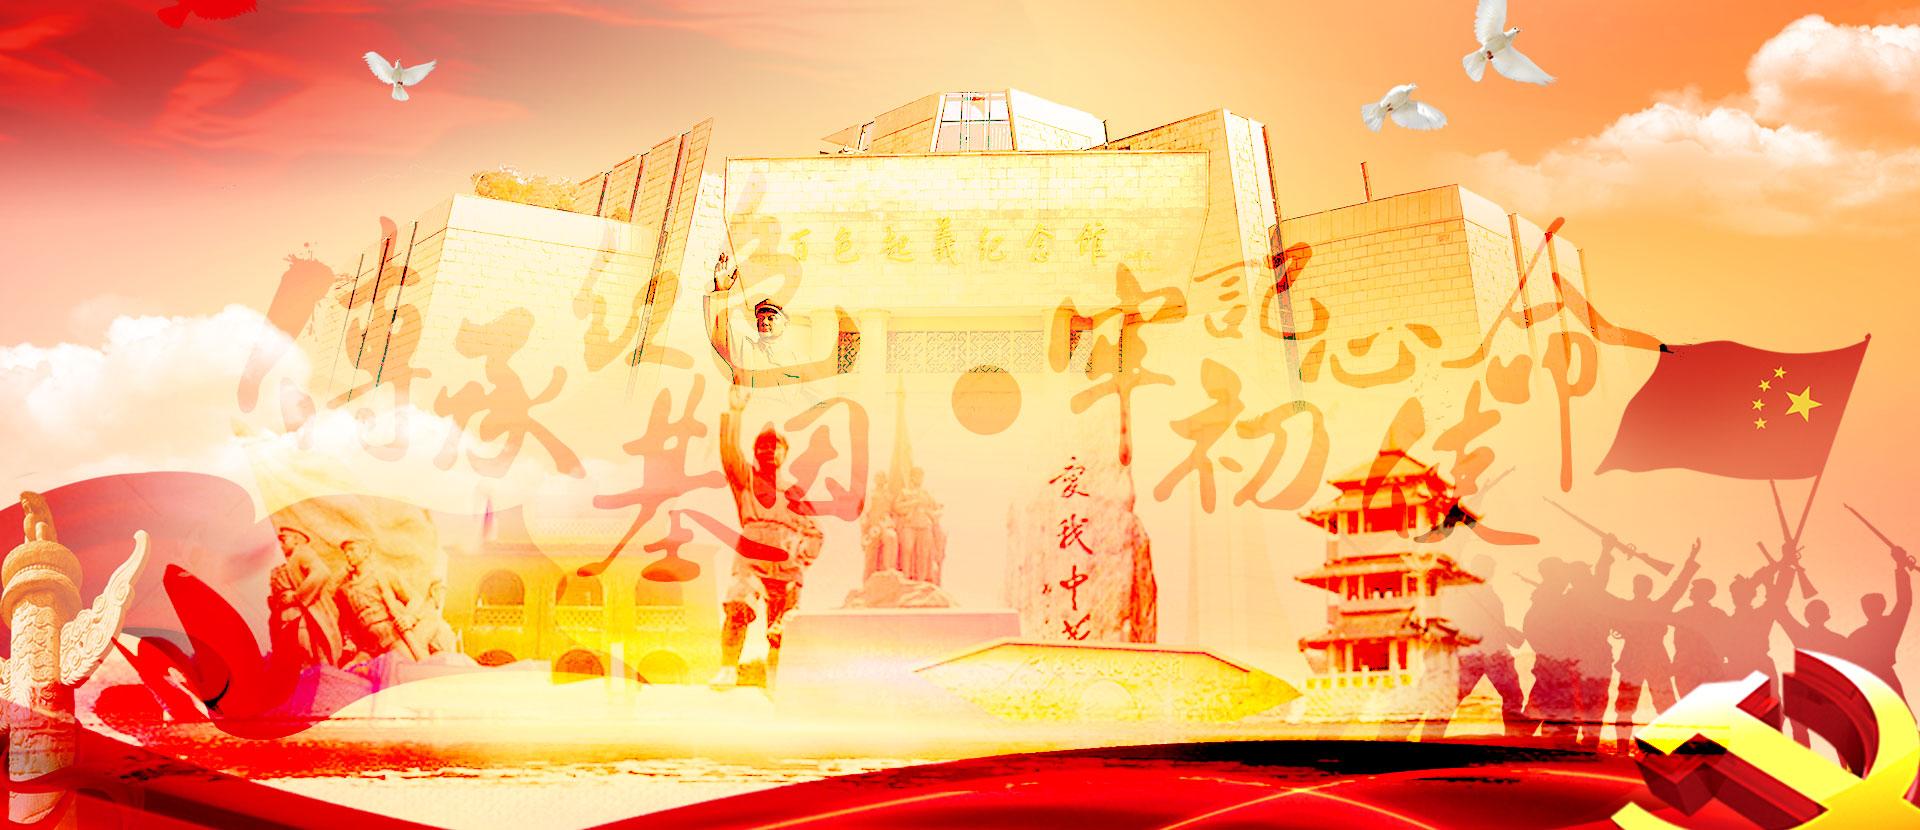 弘扬红色文化 传承革命精神